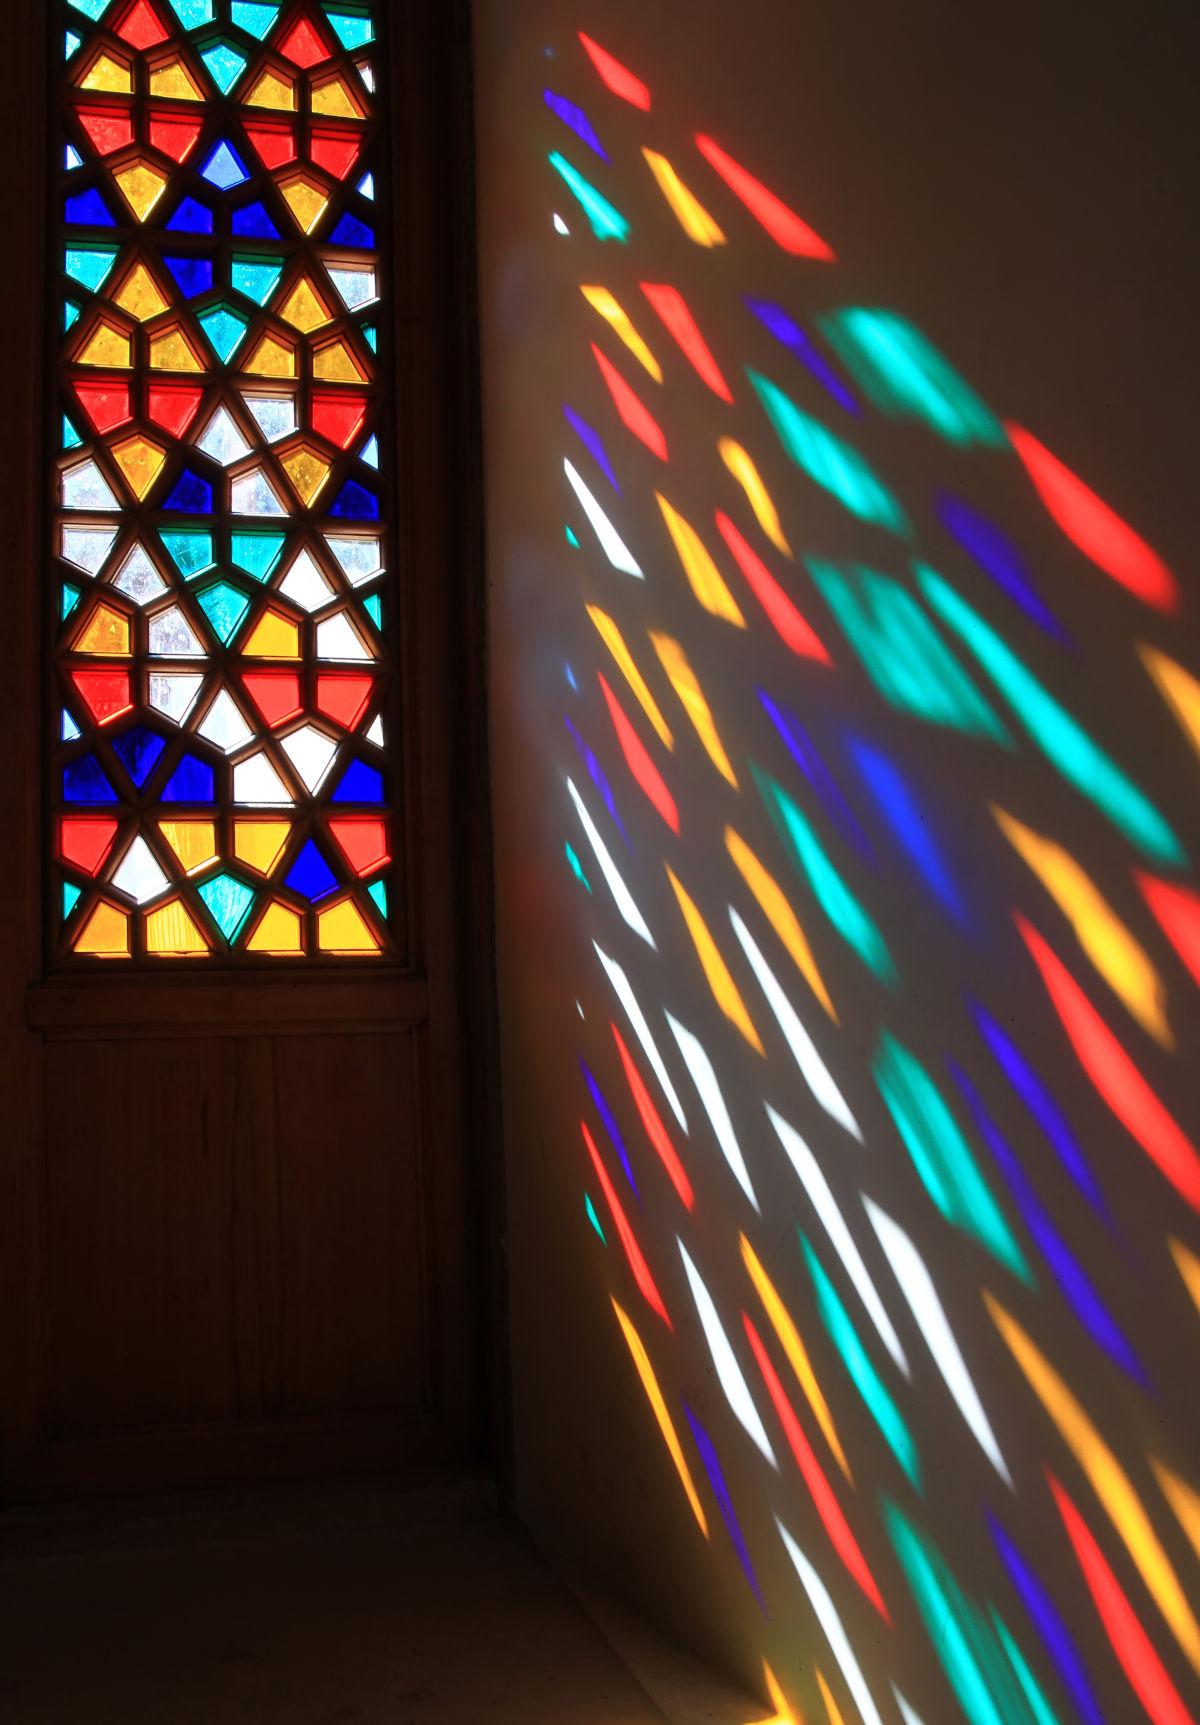 glasbauer-regensburg-gallery-kunstverglasung-bleiglas-410.jpg